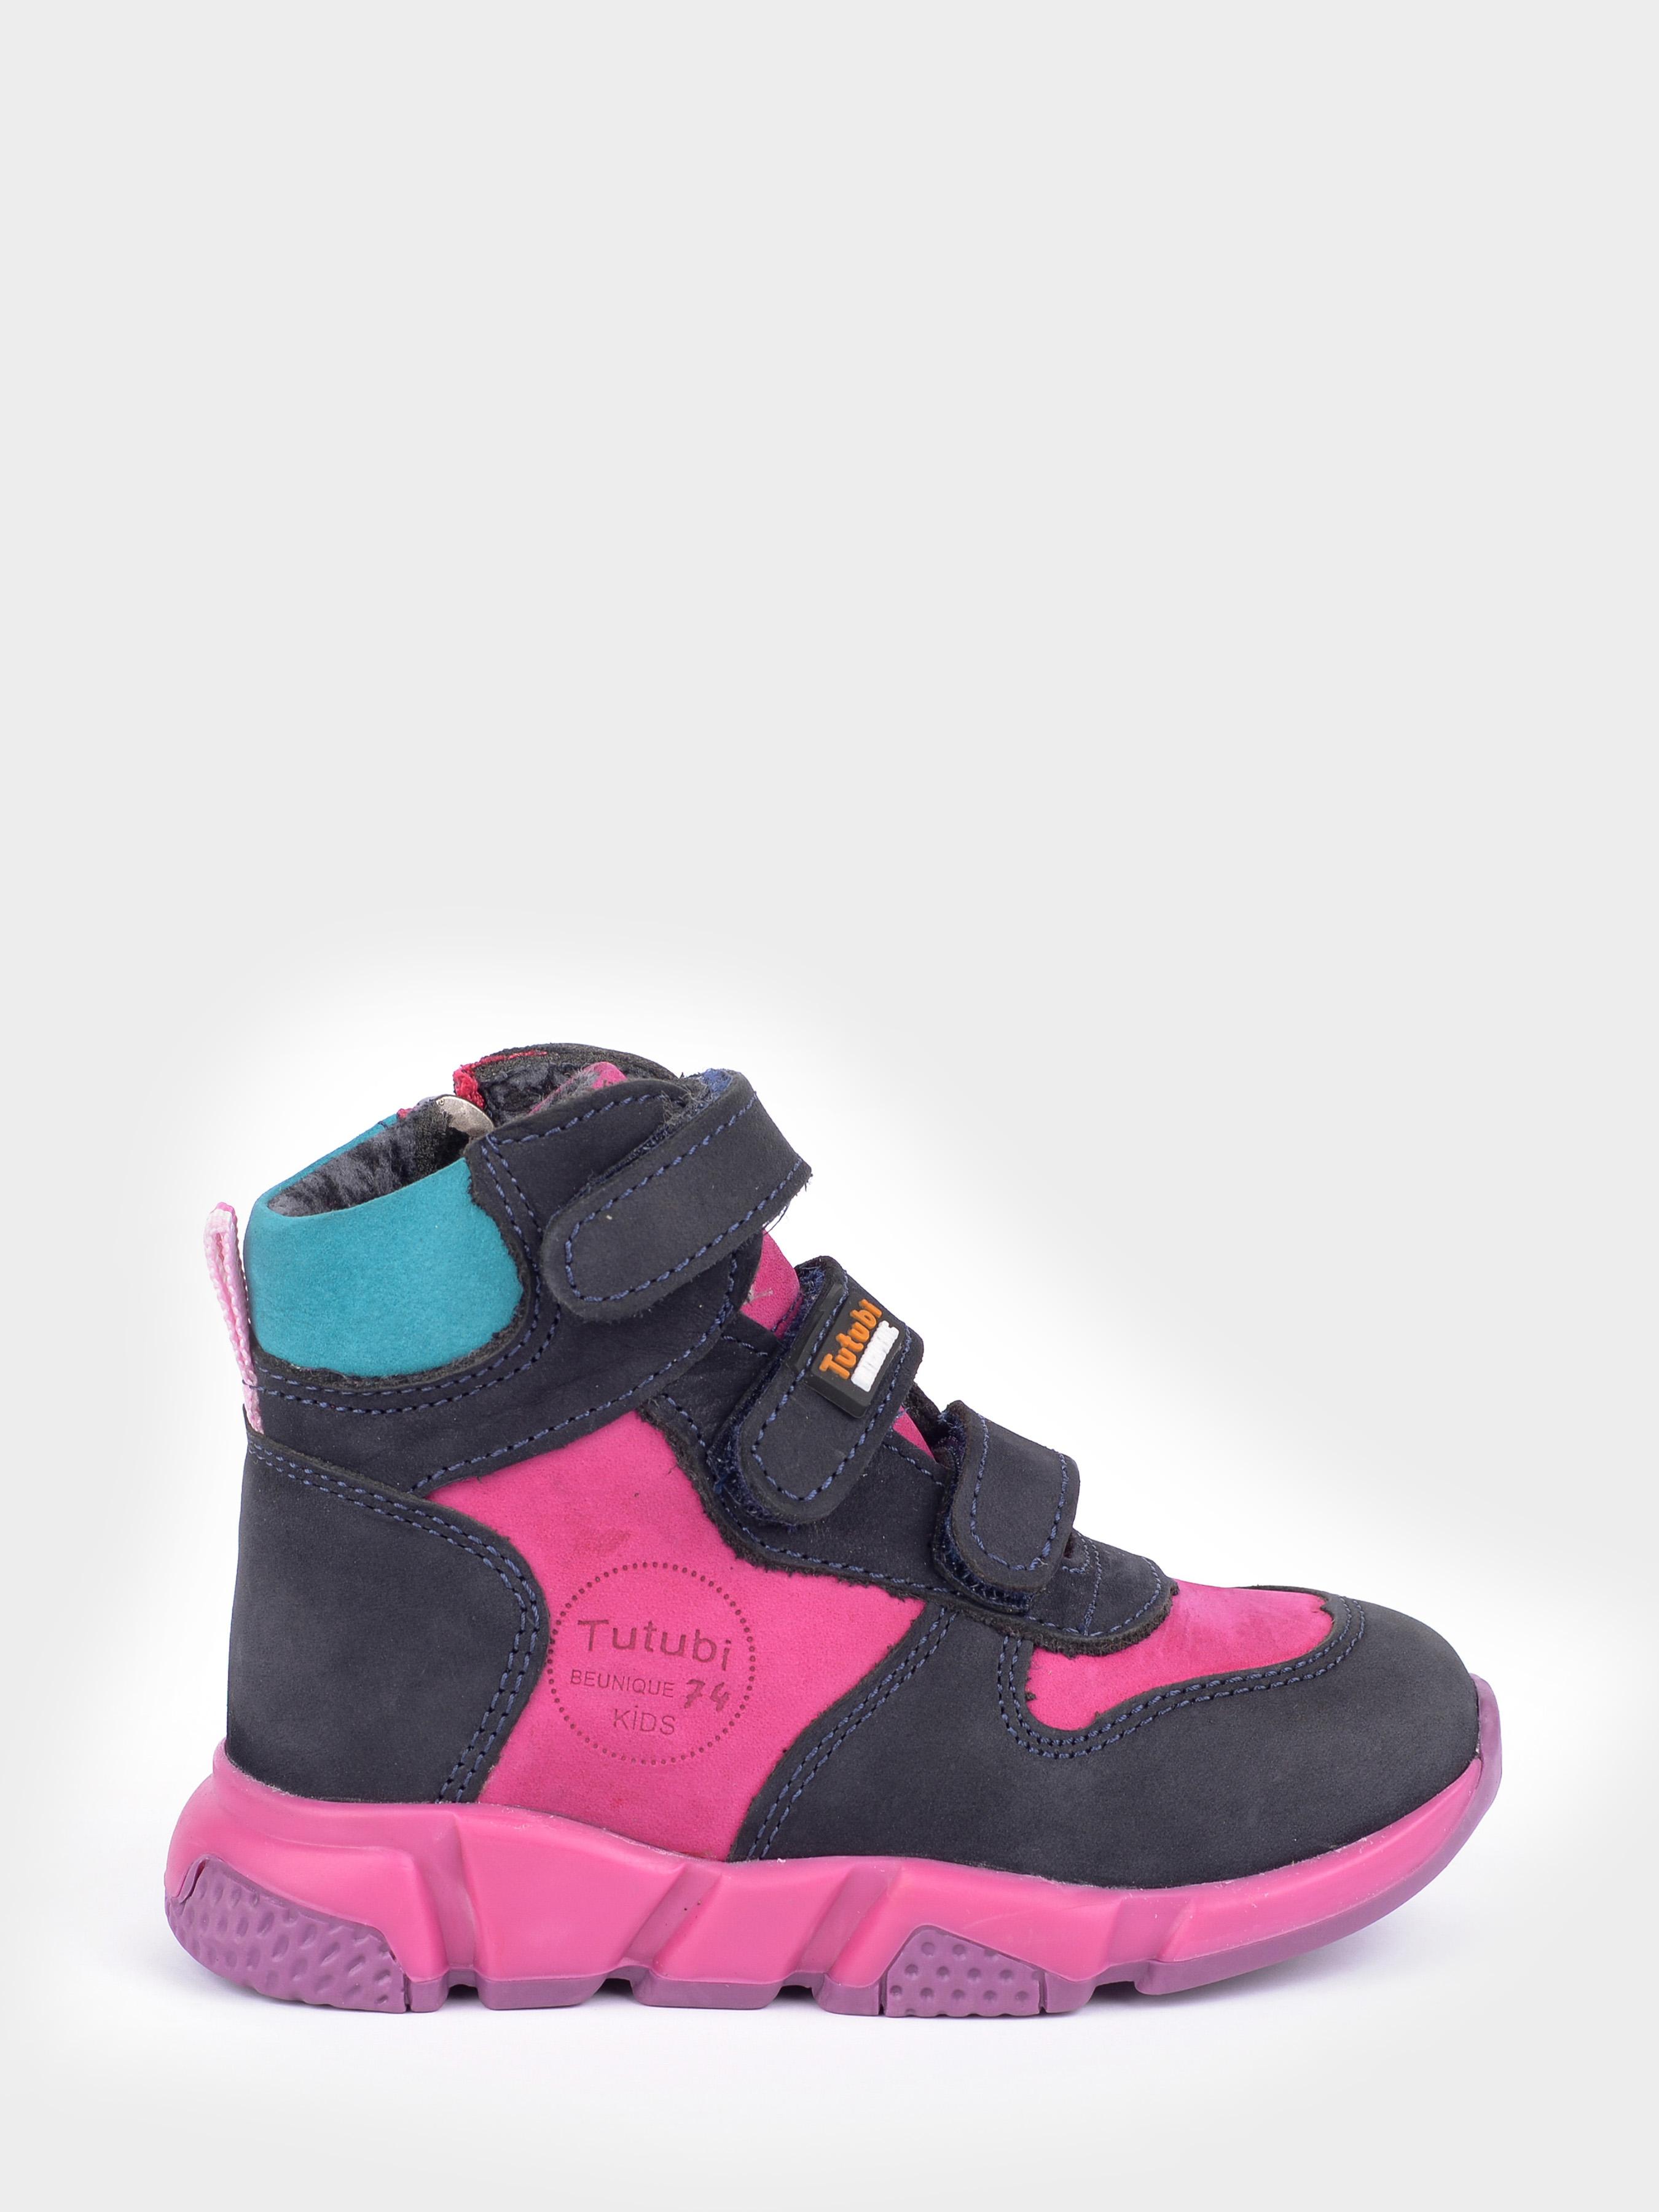 Купить Ботинки детские Ботинки 1670-KR-08, Tutubi, Черный, Розовый